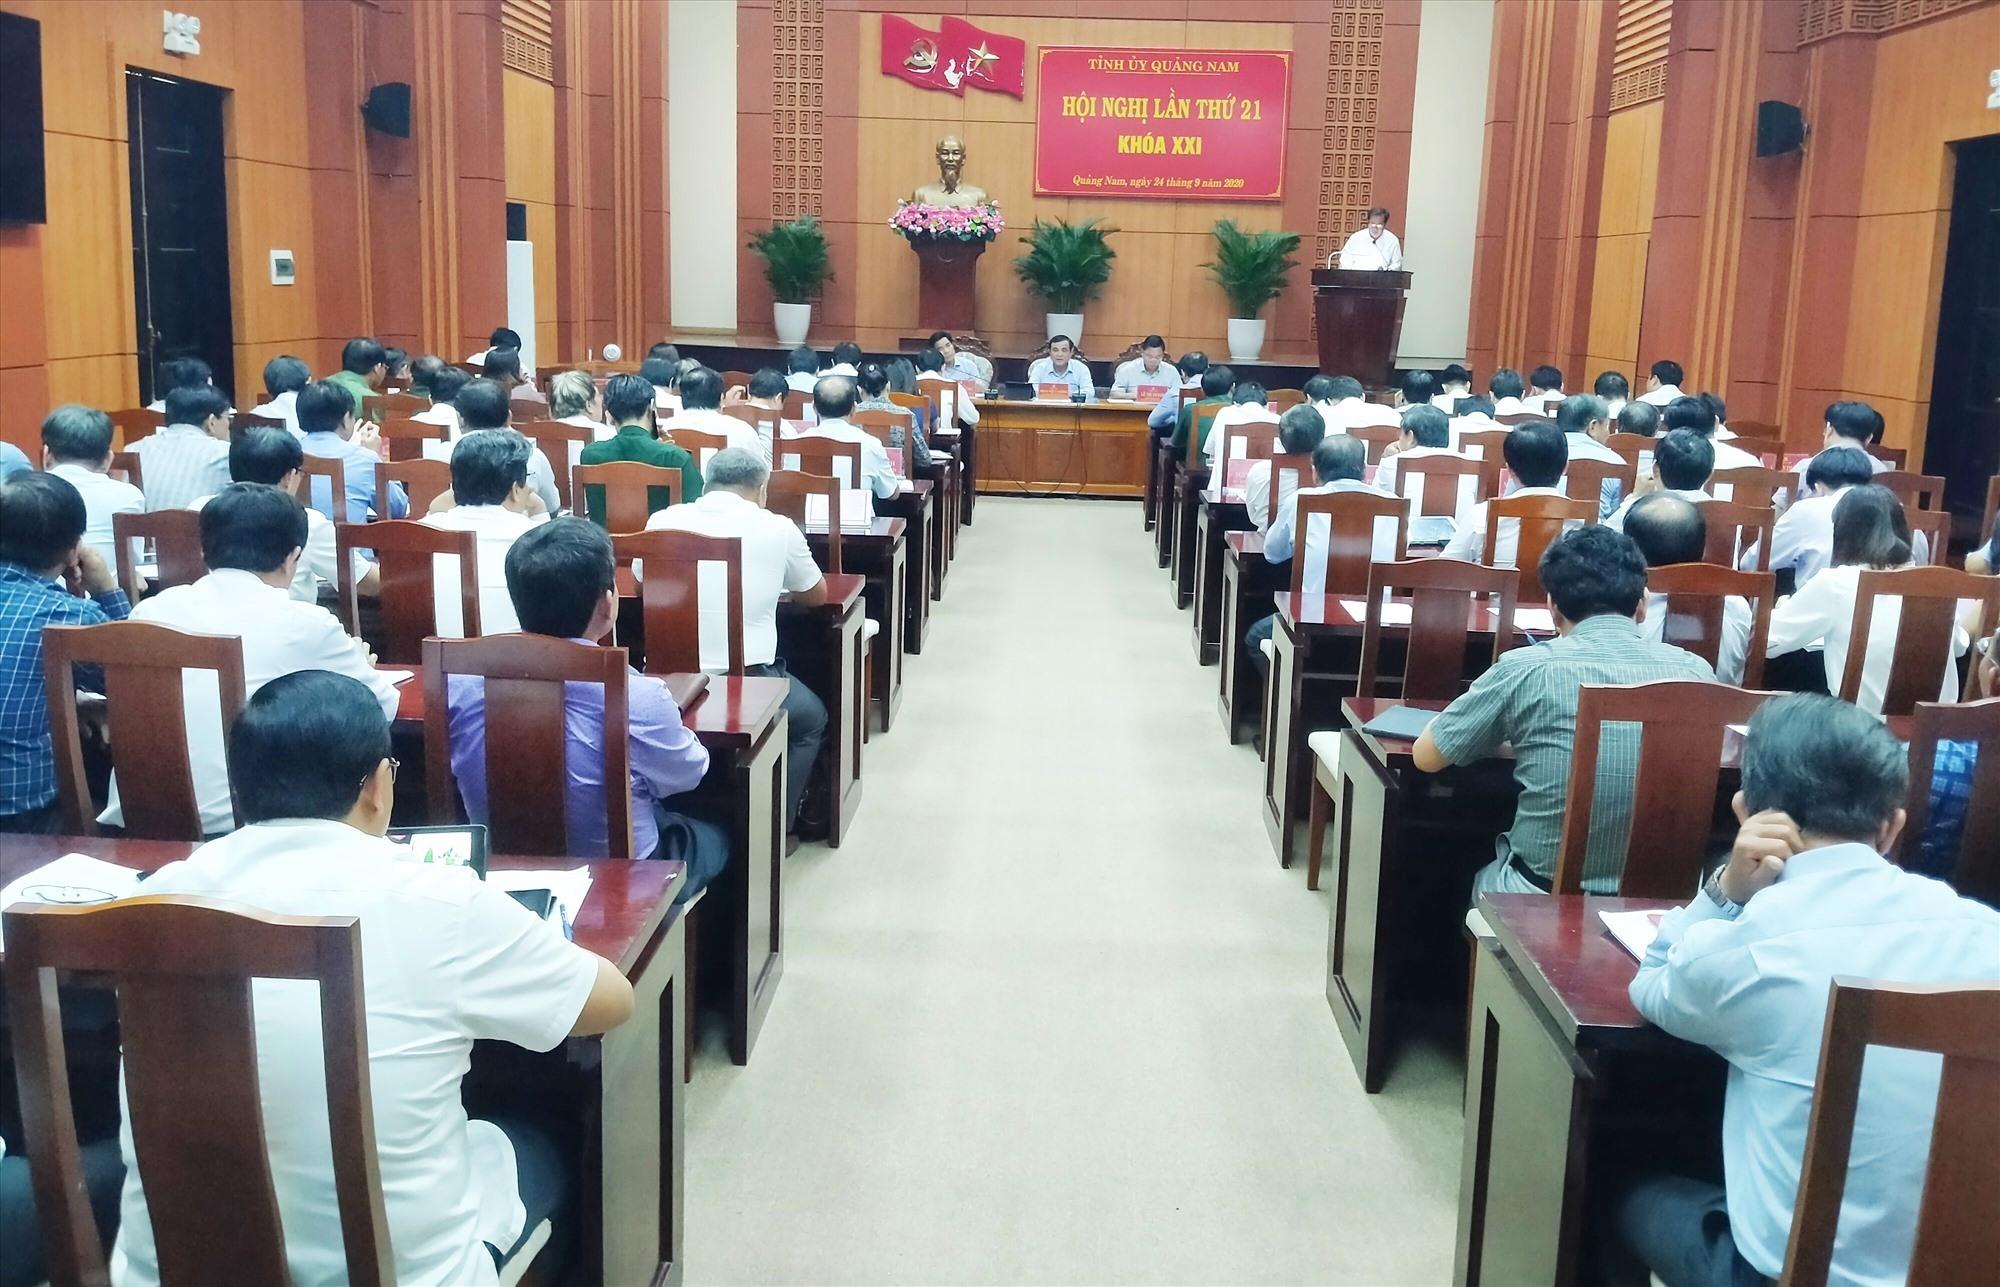 Quang cảnh Hội nghị Tỉnh ủy lần thứ 21 (khóa XXI). Ảnh: N.Đ